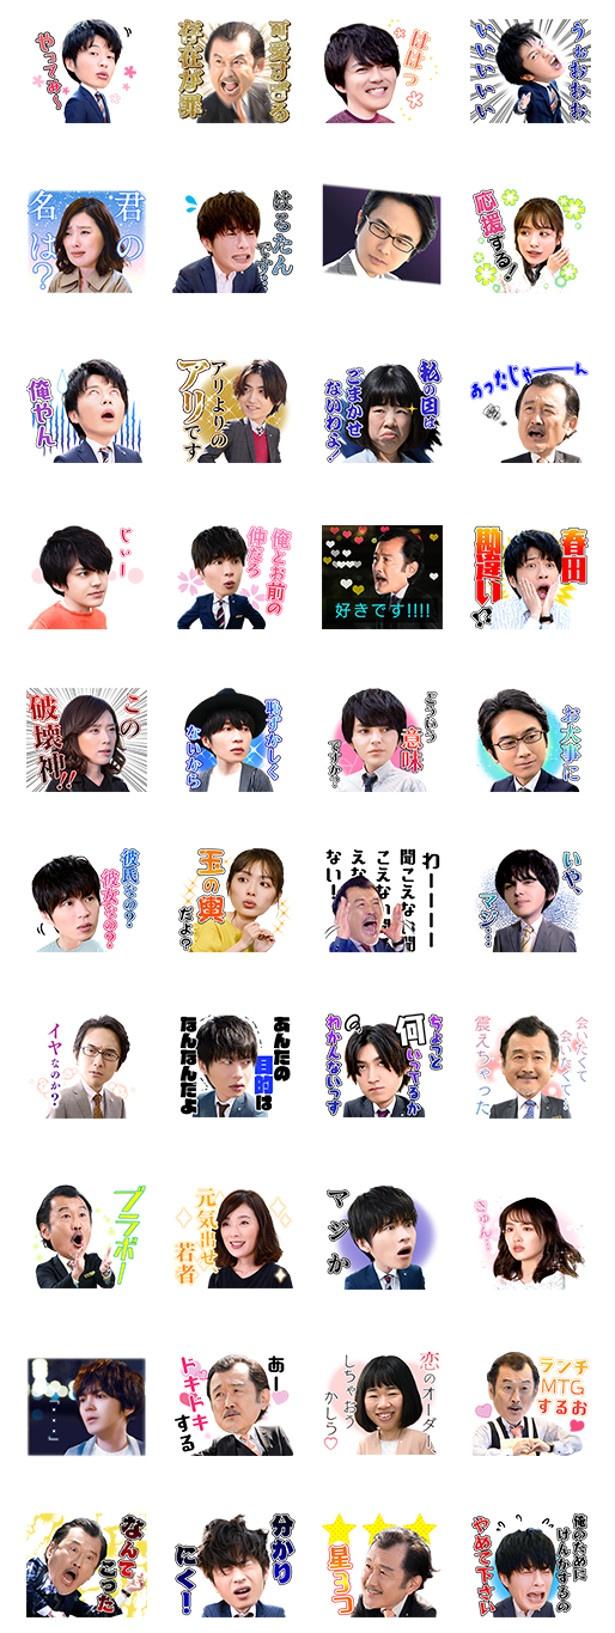 「おっさんずラブ」待望のLINEスタンプは6月5日(火)昼頃に発売が決定!